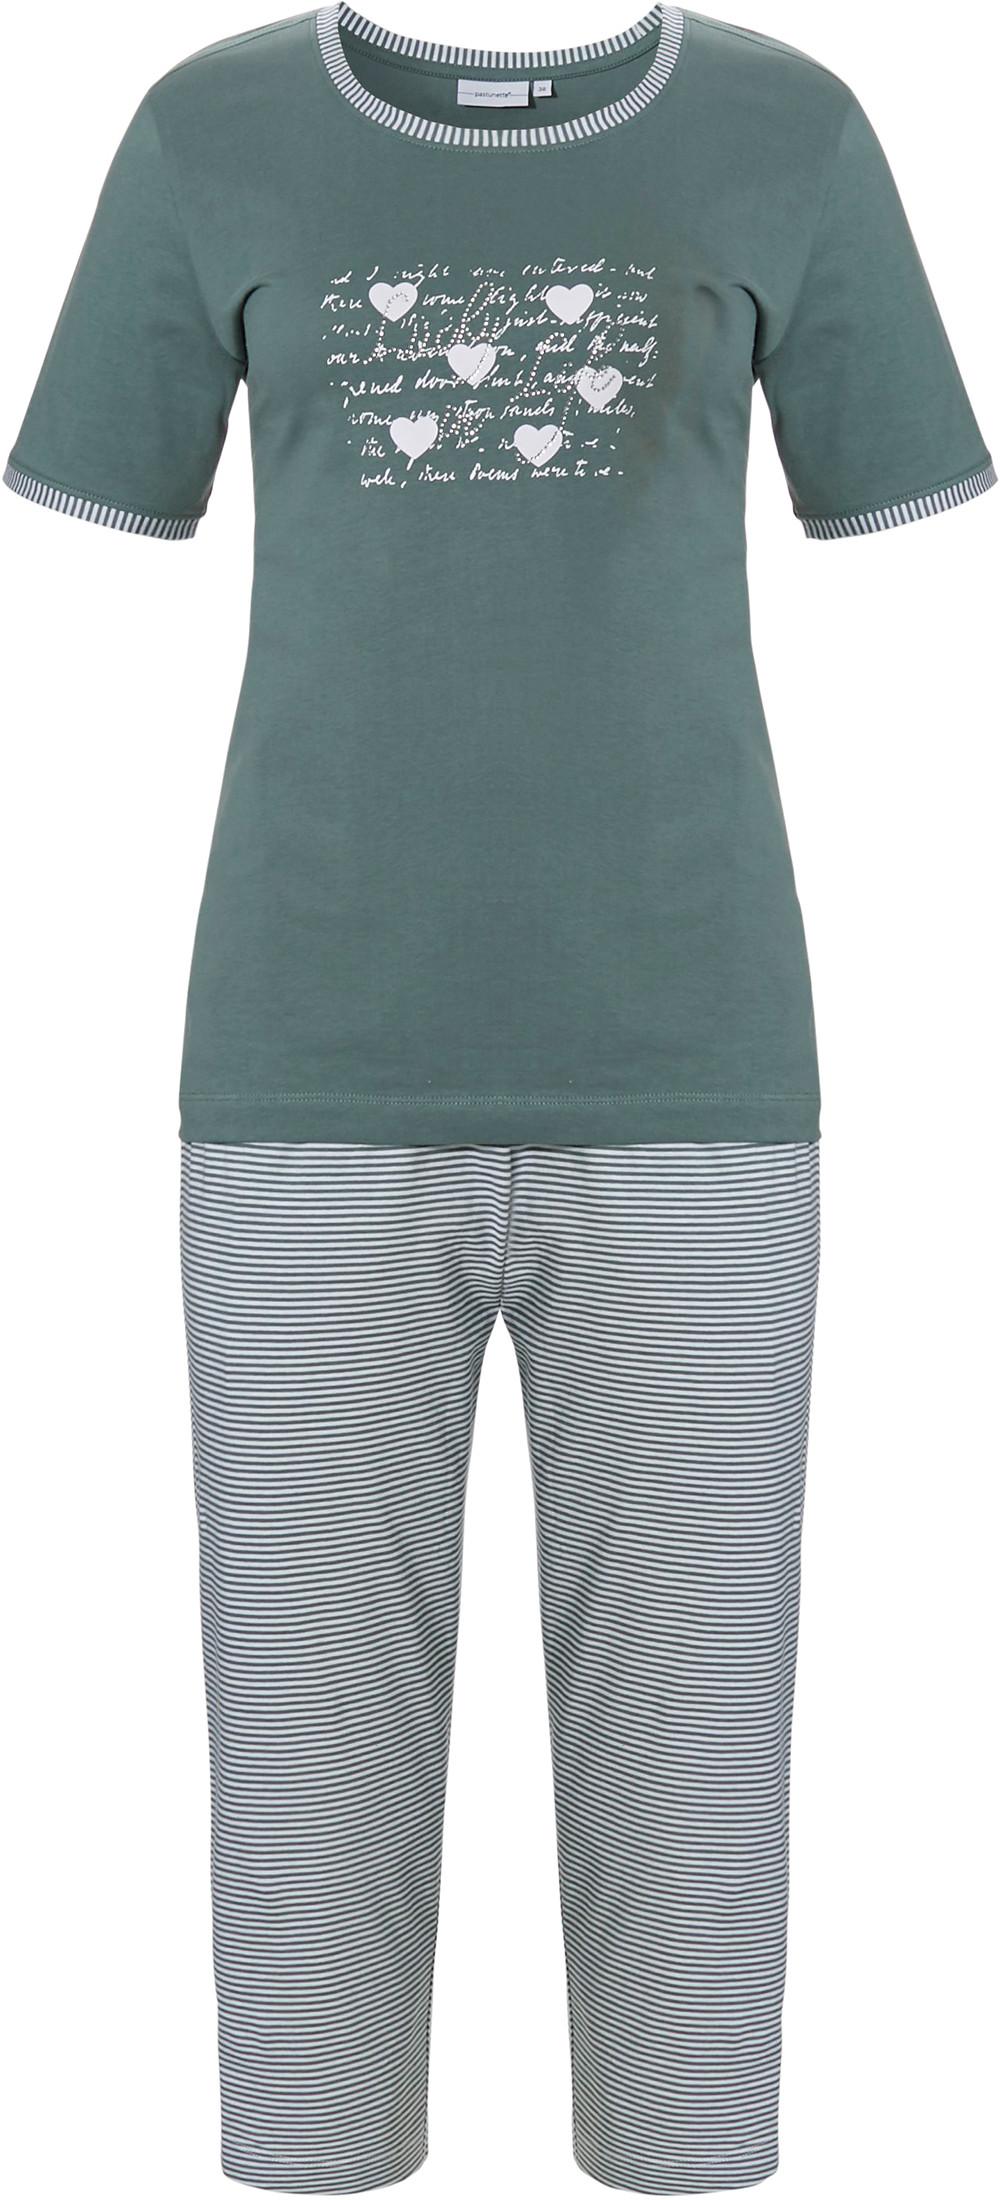 Dames pyjama Pastunette 20211-136-3 groen-44